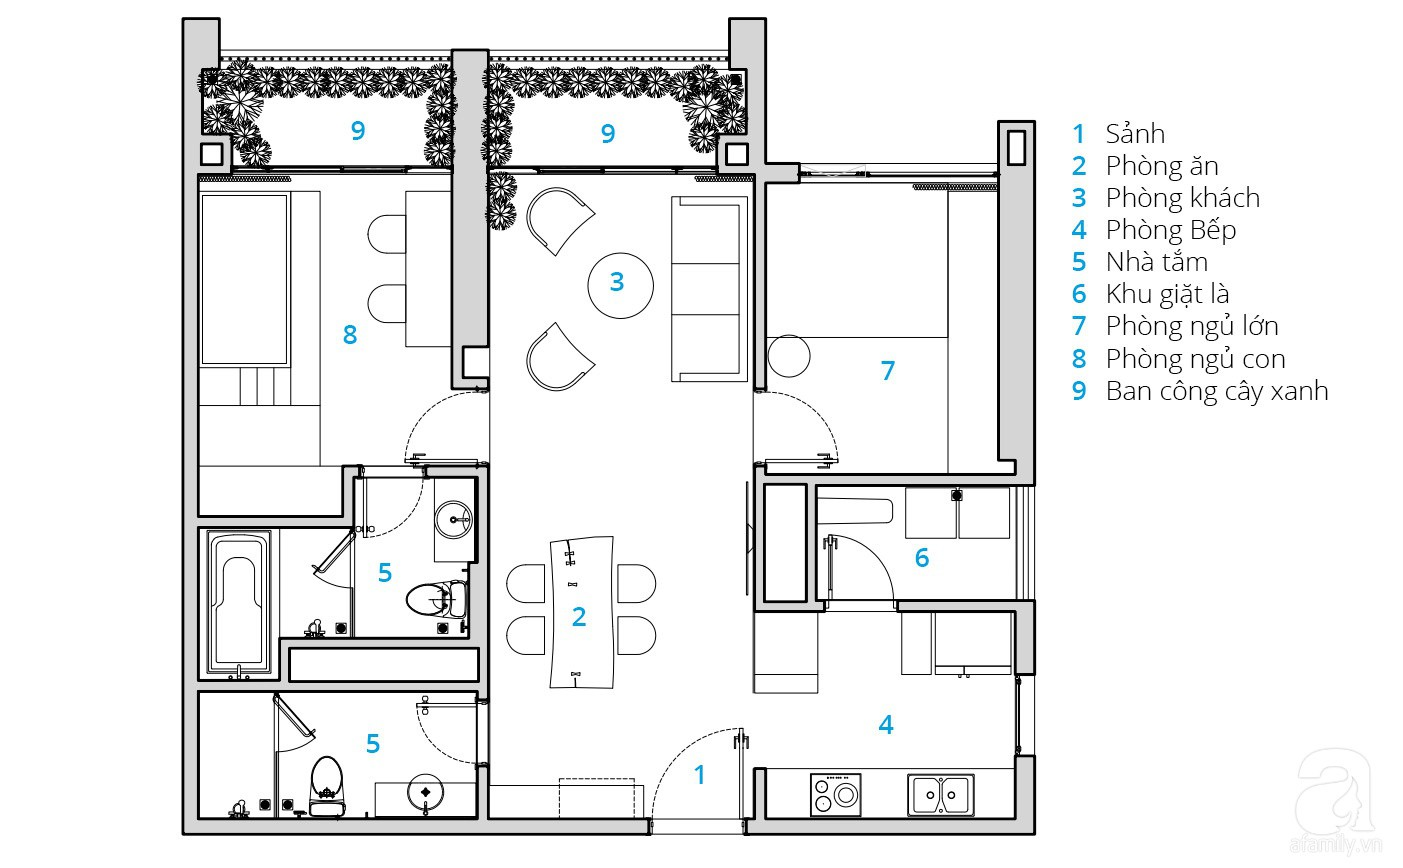 Căn hộ 80m² trên tầng 21 đẹp độc đáo với chi phí cải tạo 780 triệu đồng của chủ nhà yêu cây xanh - Ảnh 1.